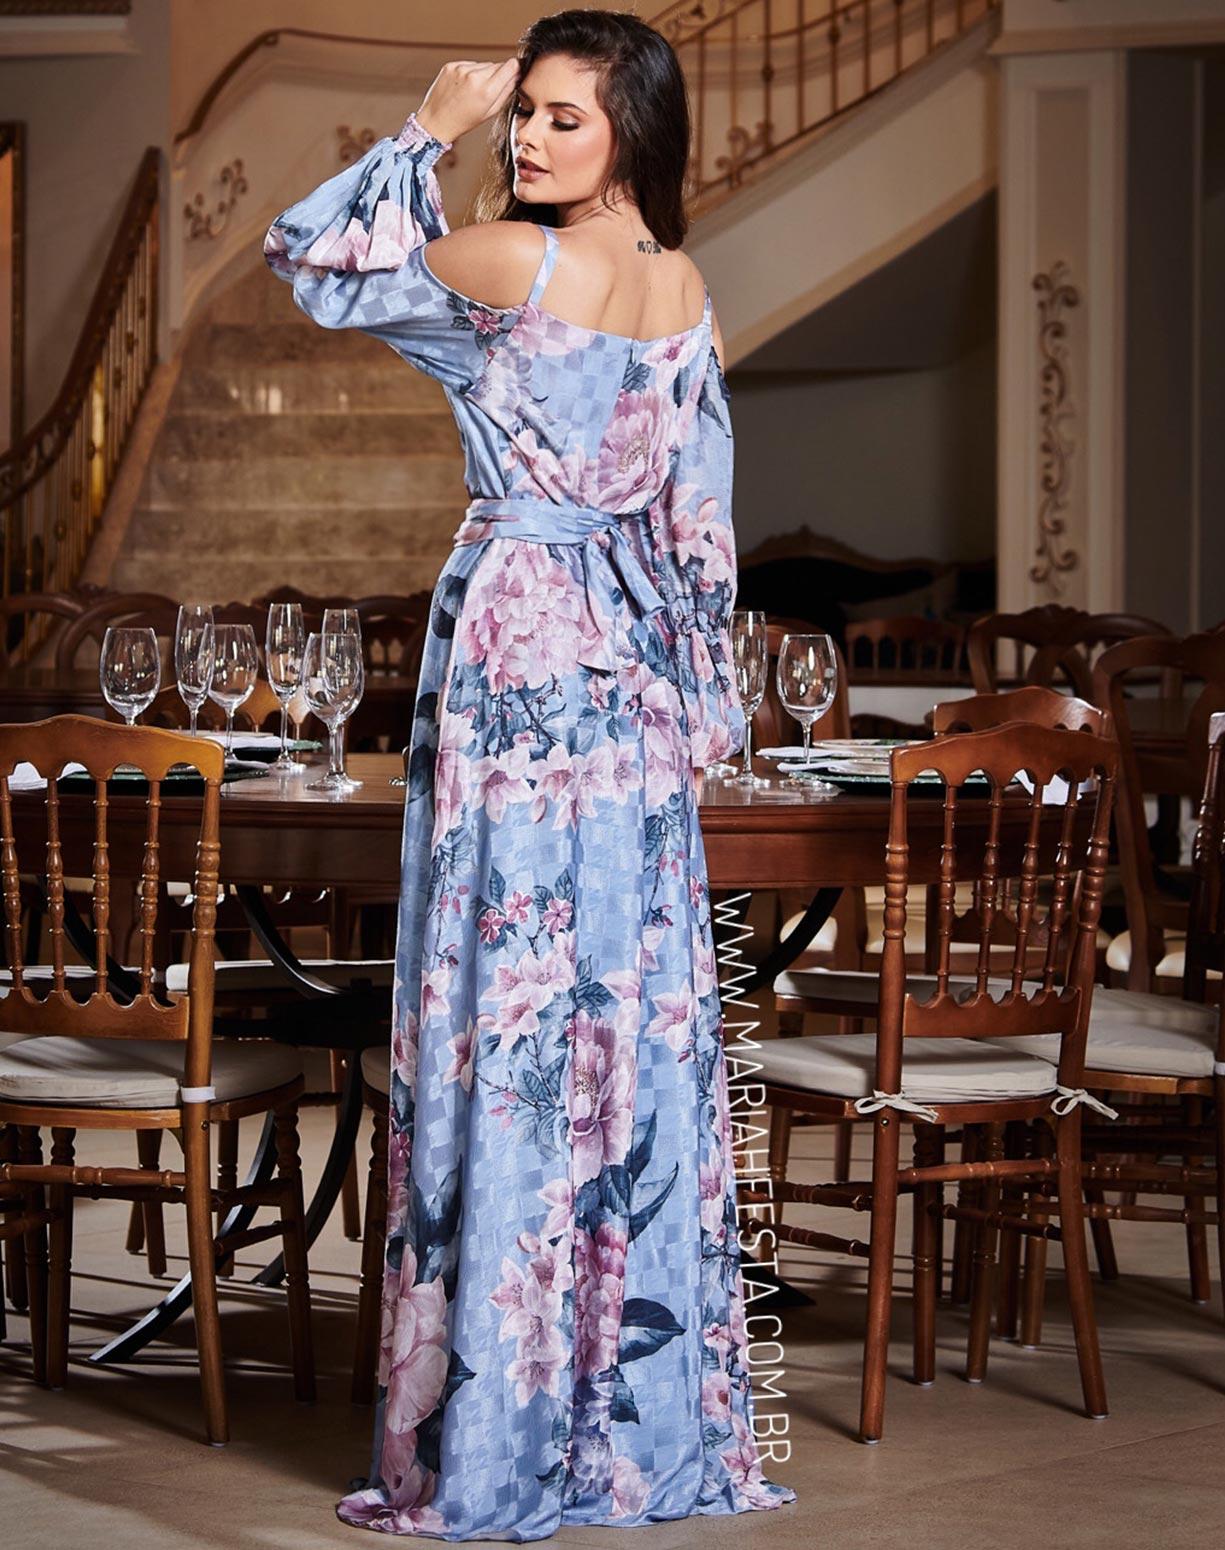 Vestido Mix de Estampas Azul Serenity com Manga Longa